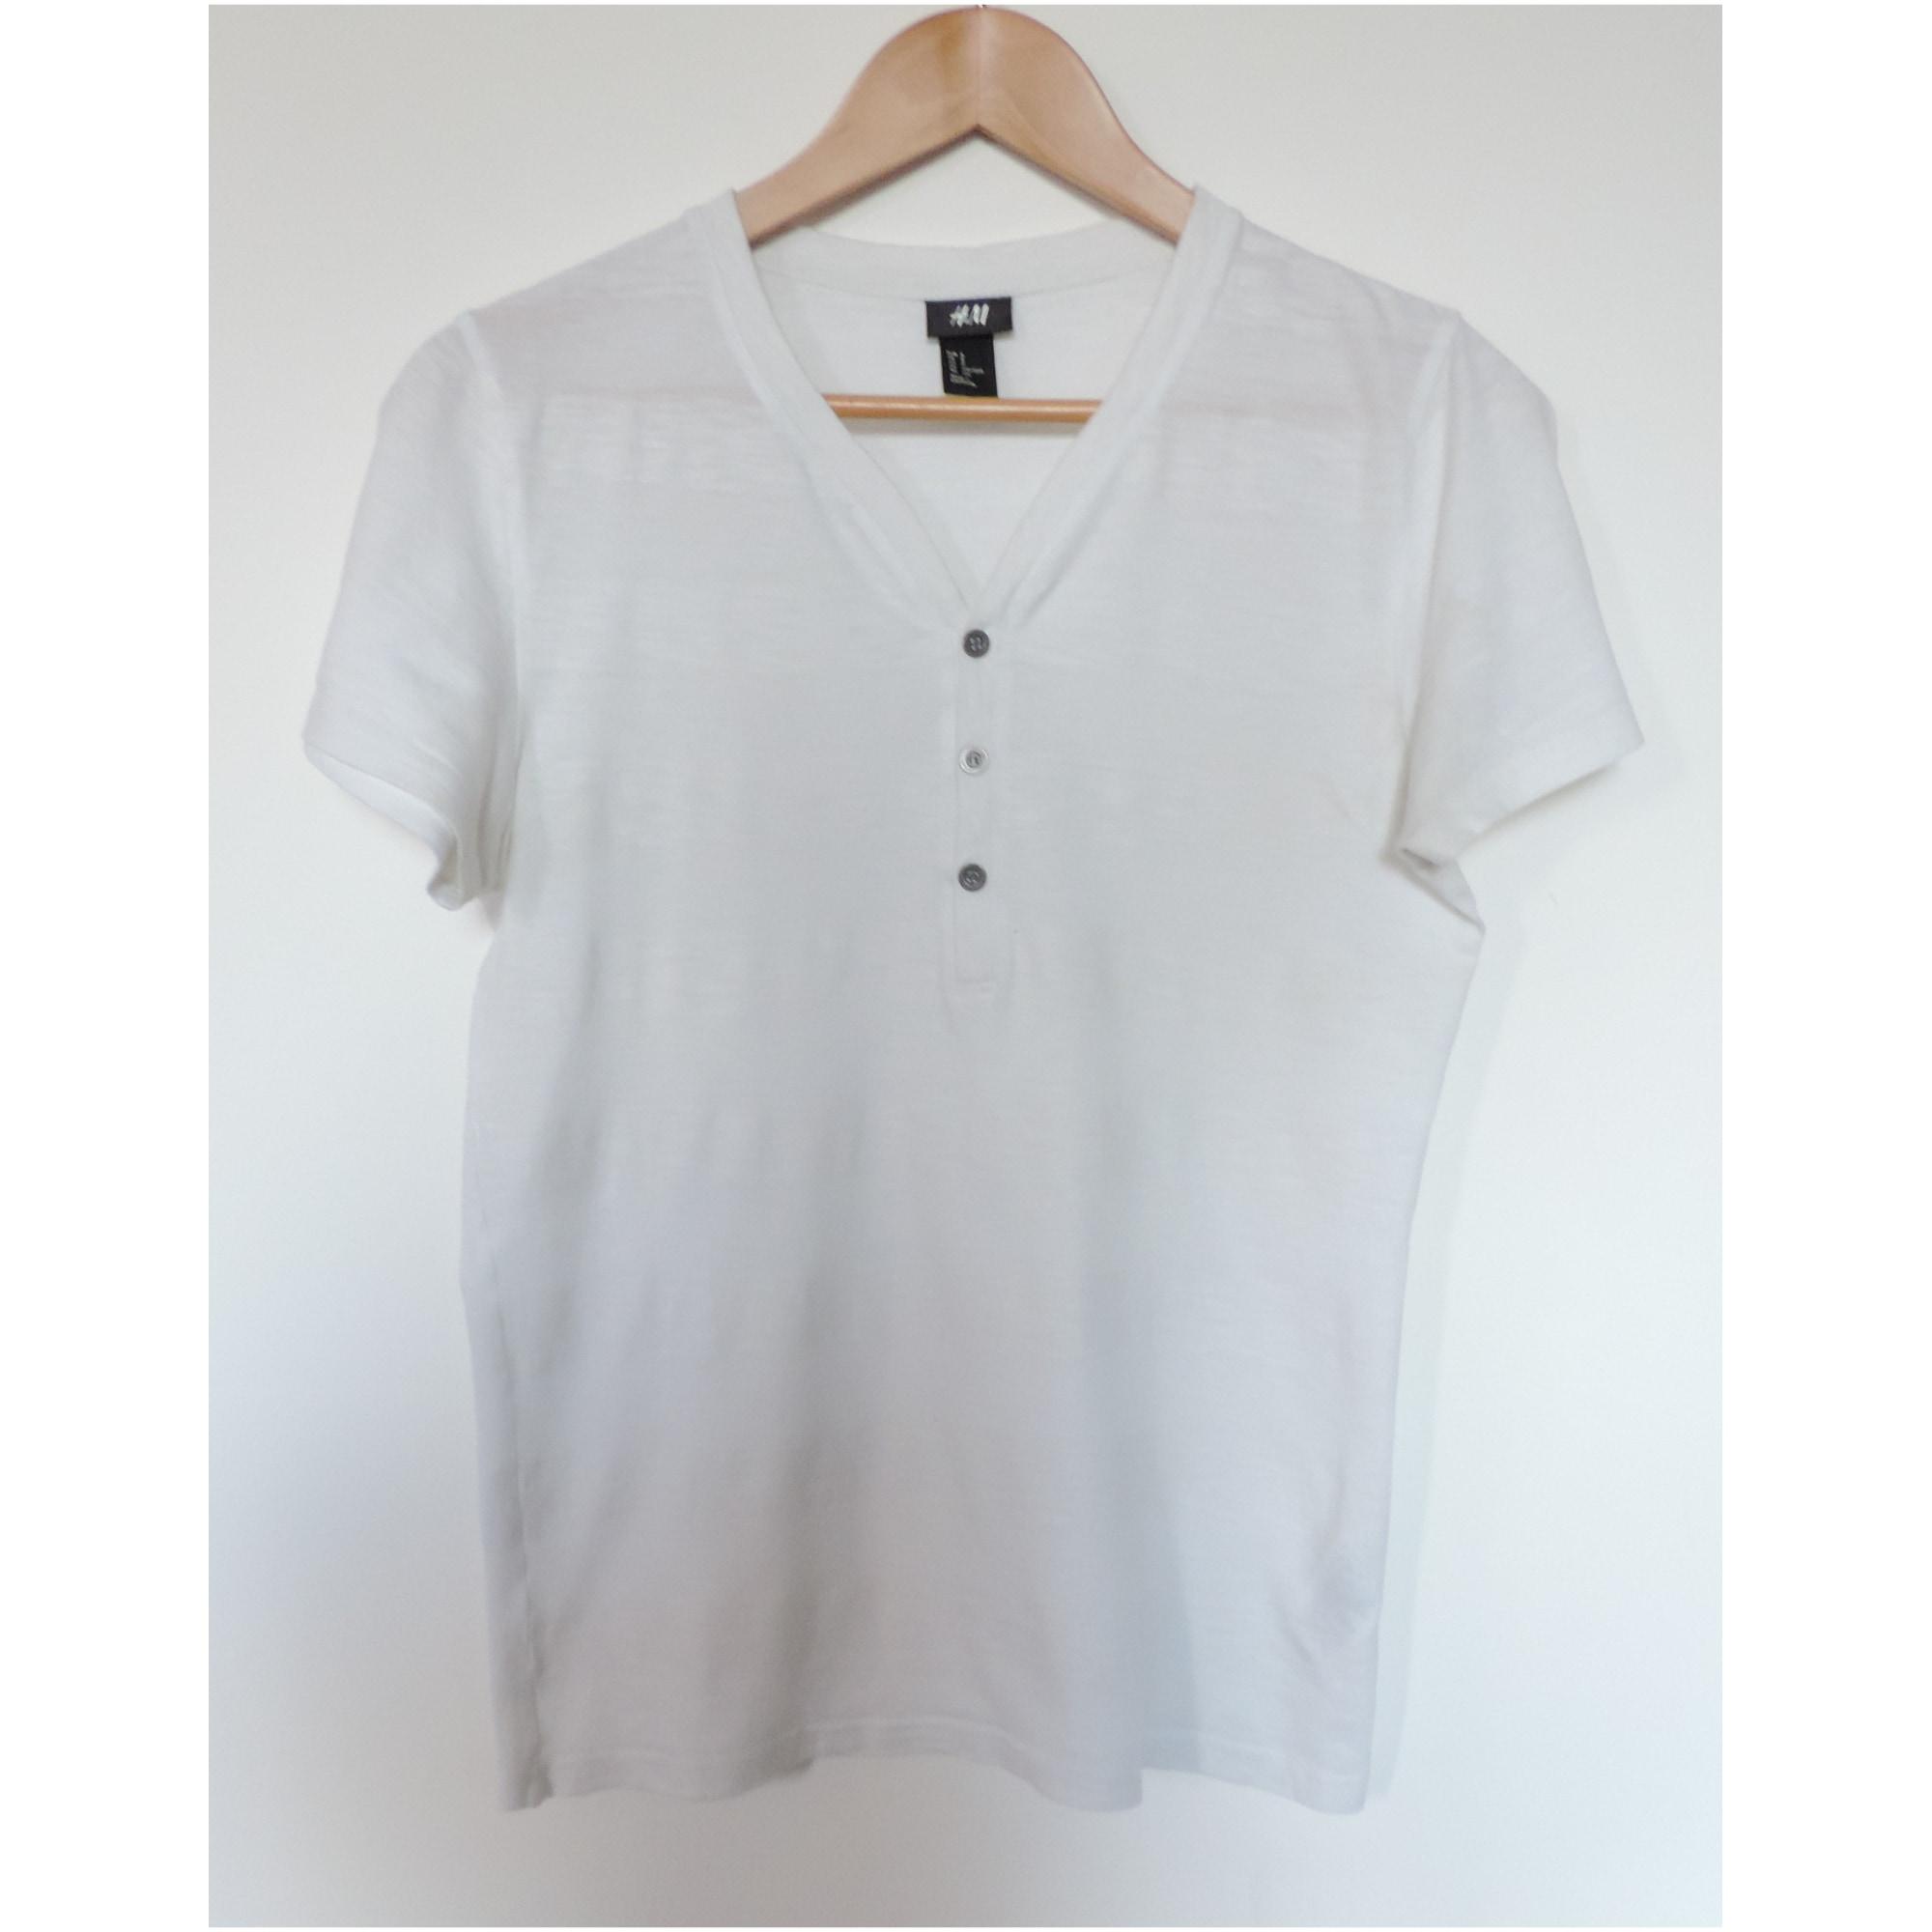 T-shirt H&M White, off-white, ecru